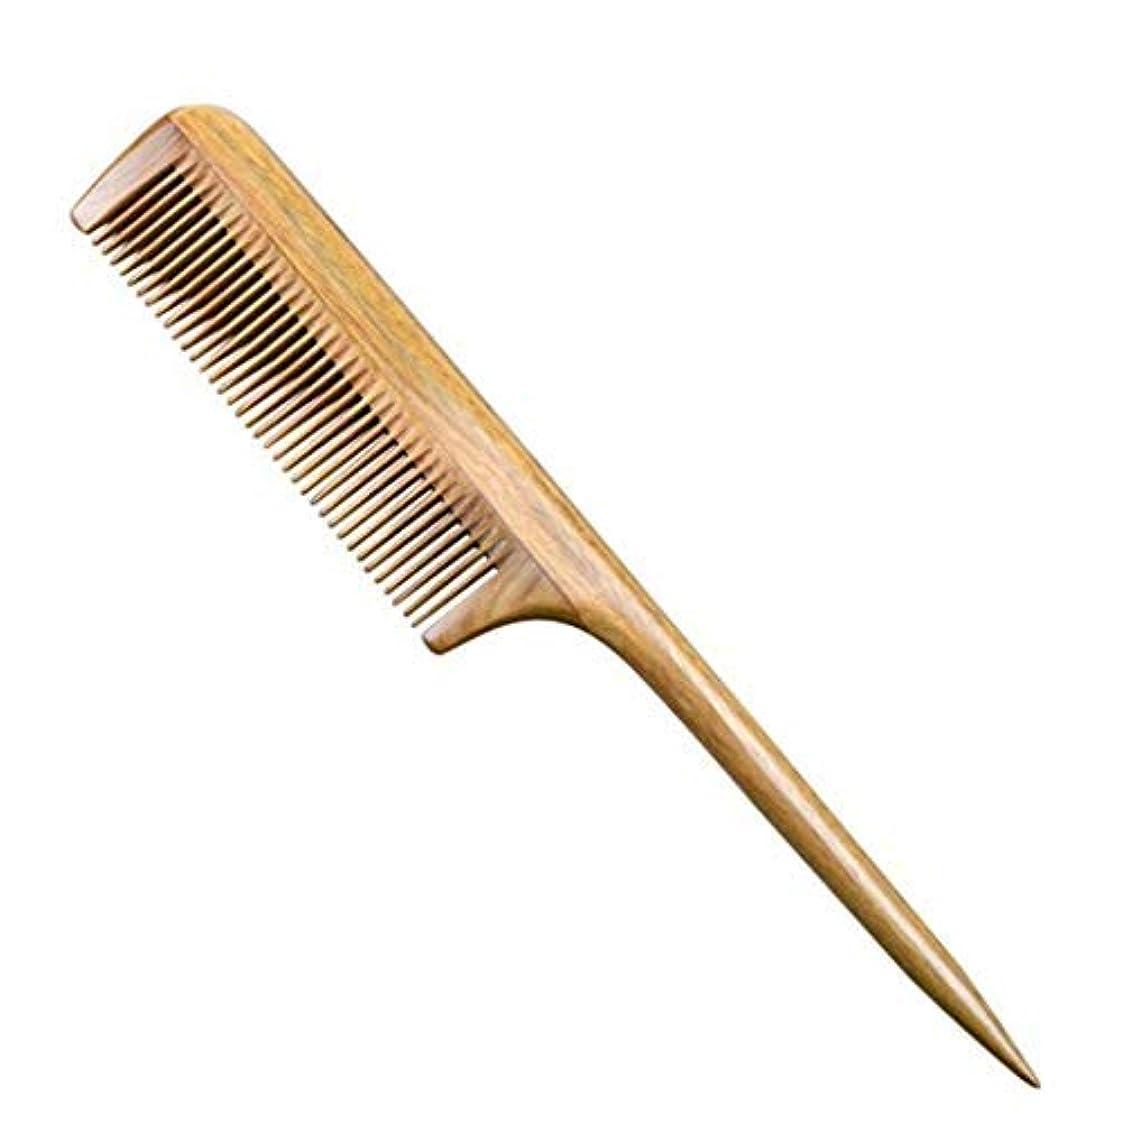 茎作物もちろんRat Tail Hair Comb - Fine Tooth Natural Green Sandalwood Combs with Teasing Tail Handle - No Static Wooden Comb...